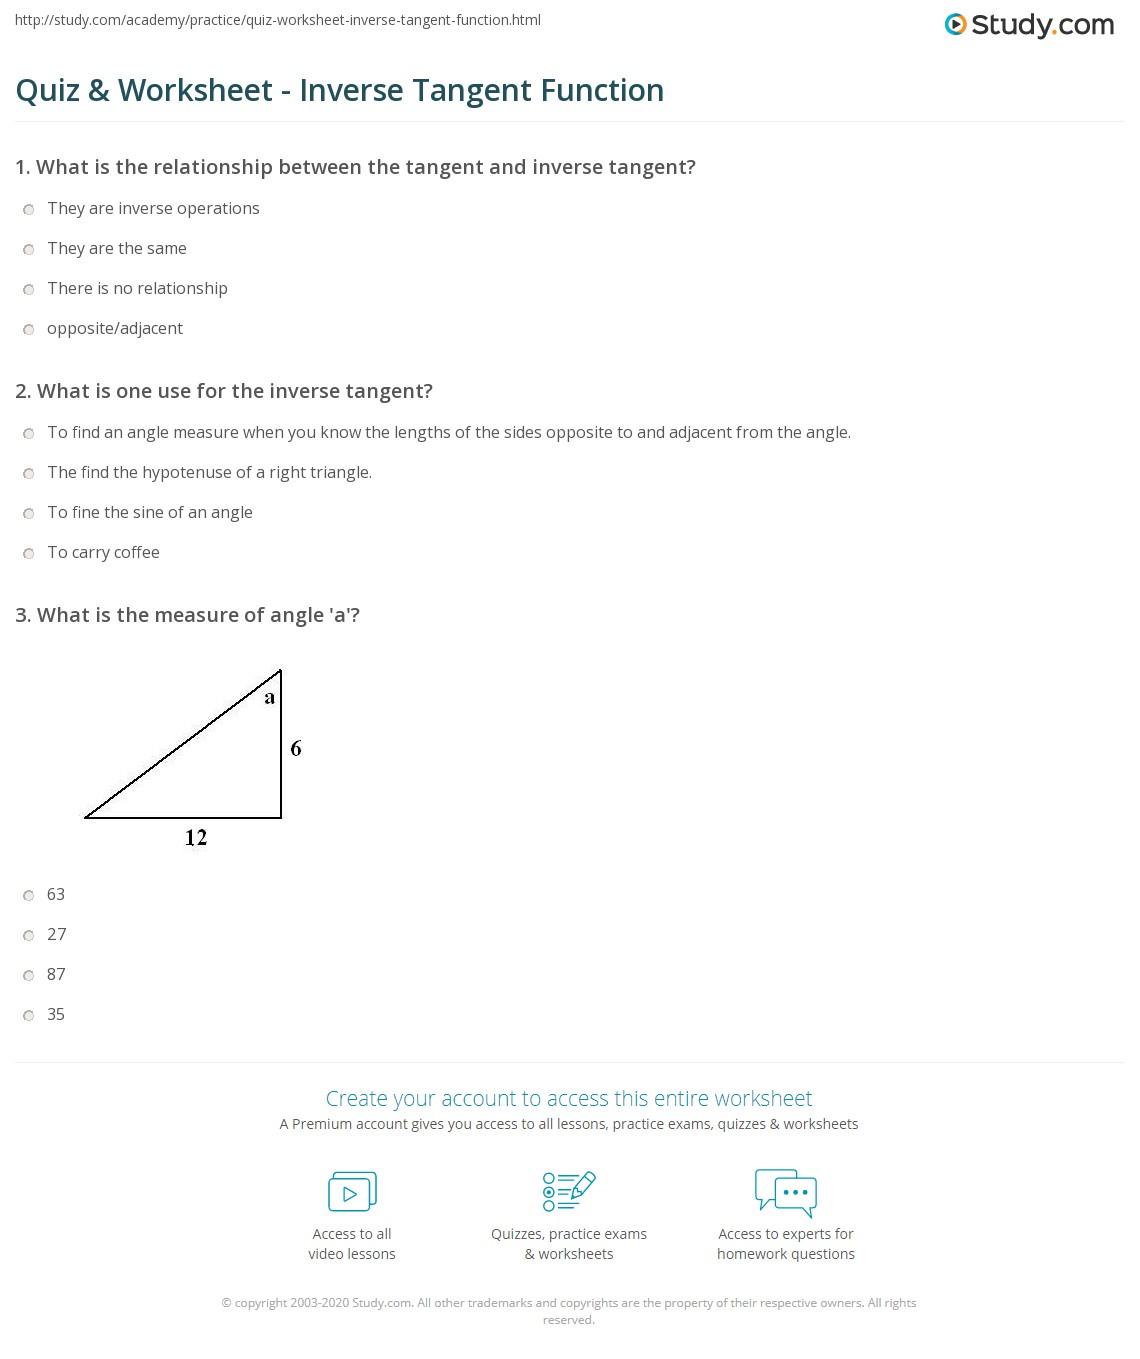 quiz worksheet inverse tangent function. Black Bedroom Furniture Sets. Home Design Ideas